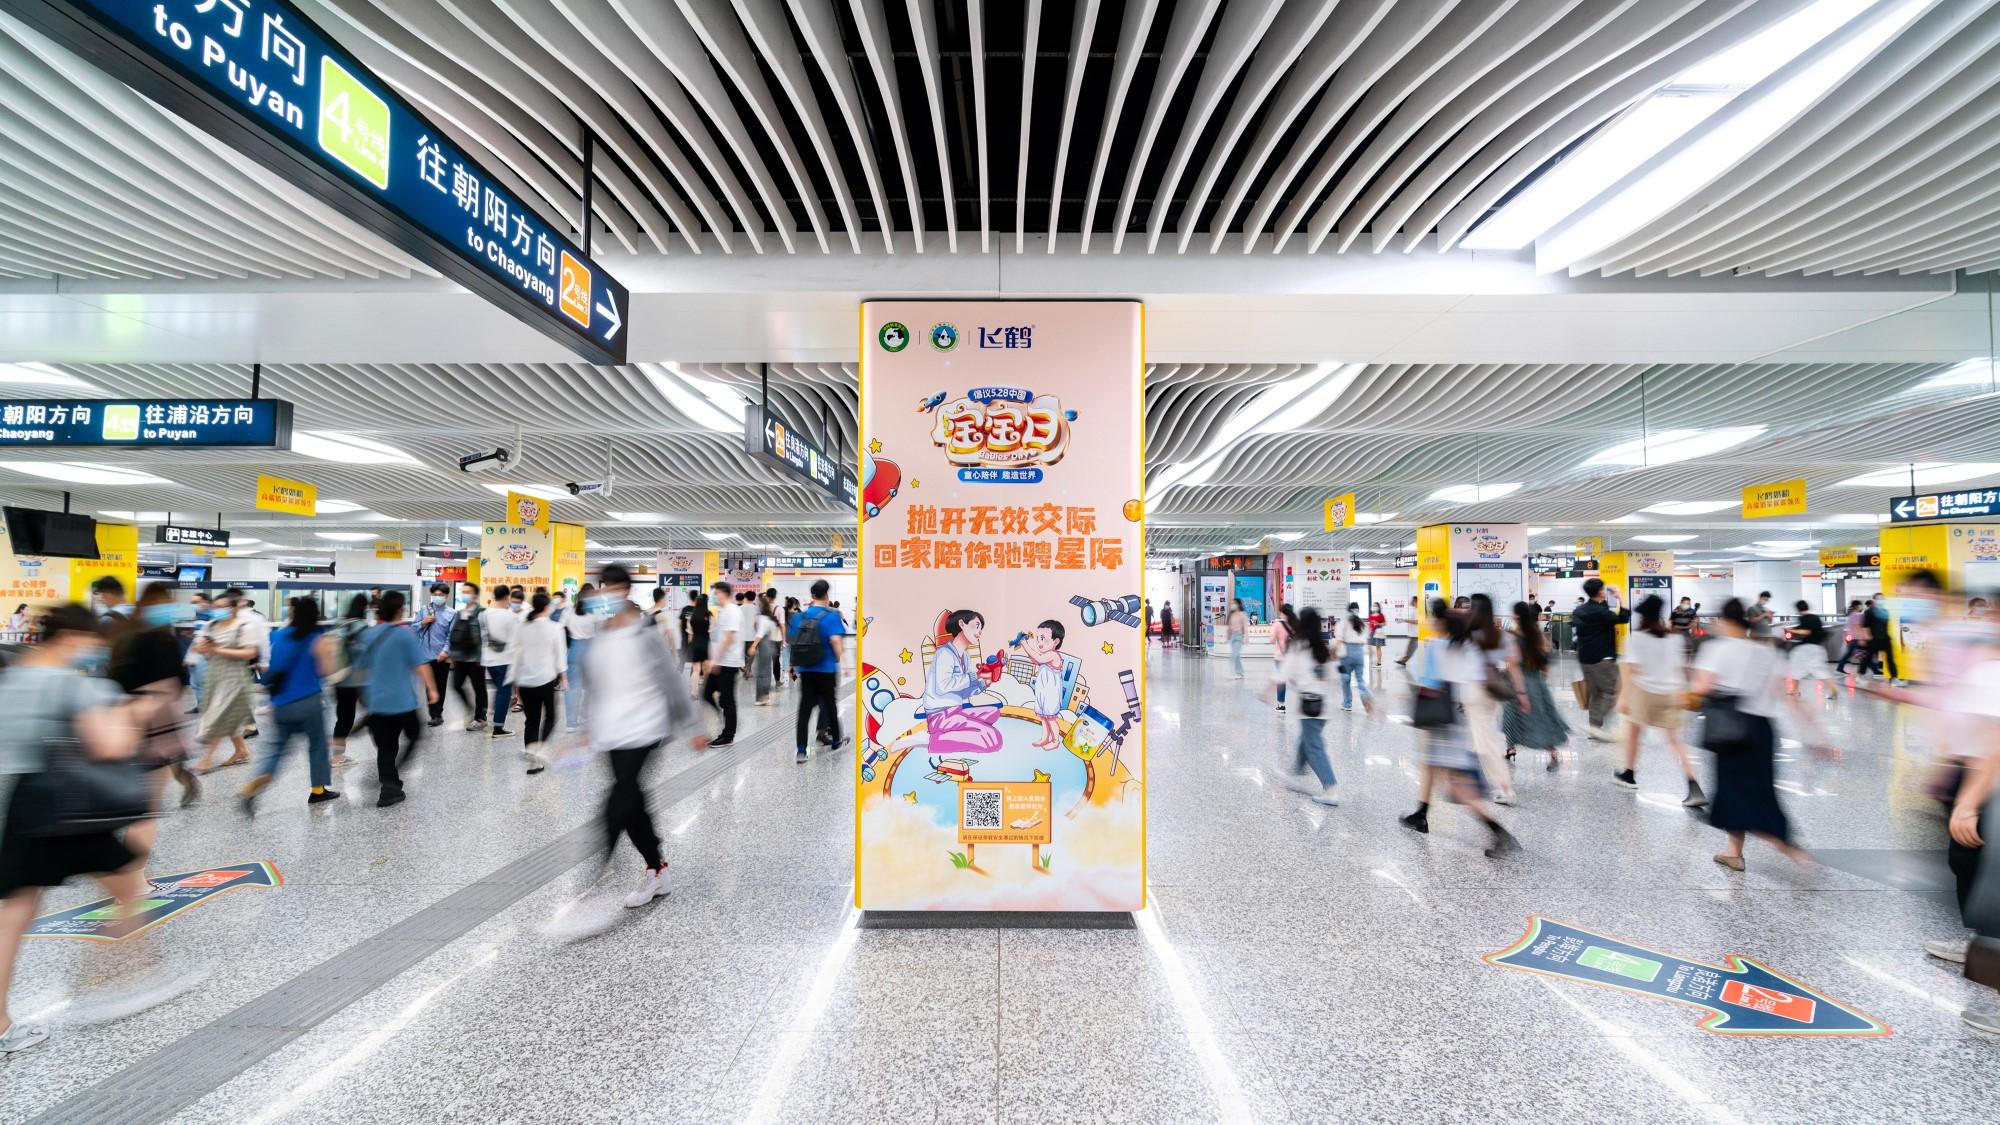 HZ-飞鹤奶粉-2&4号线-钱江路站-品牌站厅-202105 (1).jpg